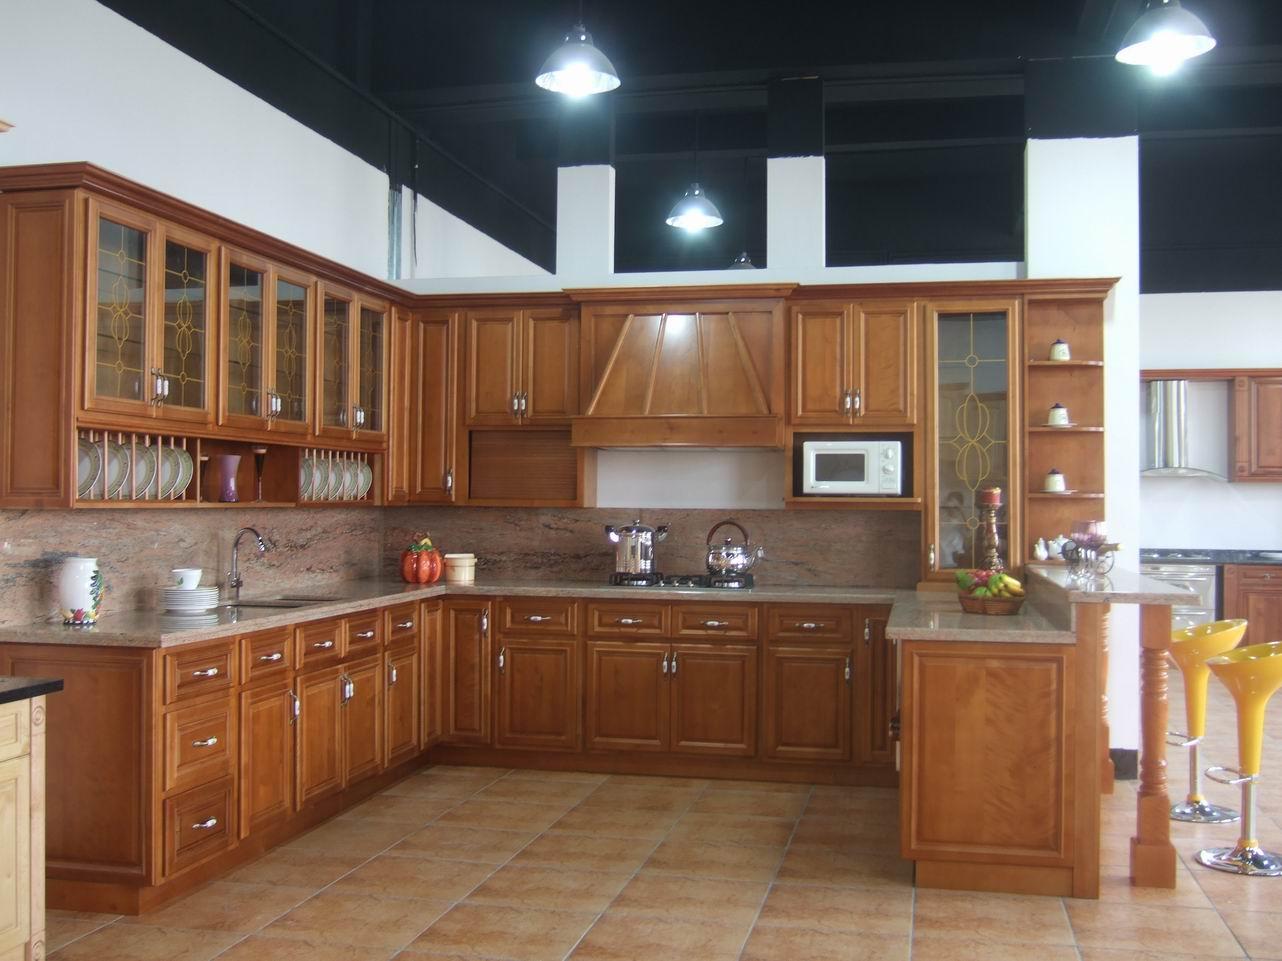 Fabricación de muebles de cocina - Carpintero en Almería ...